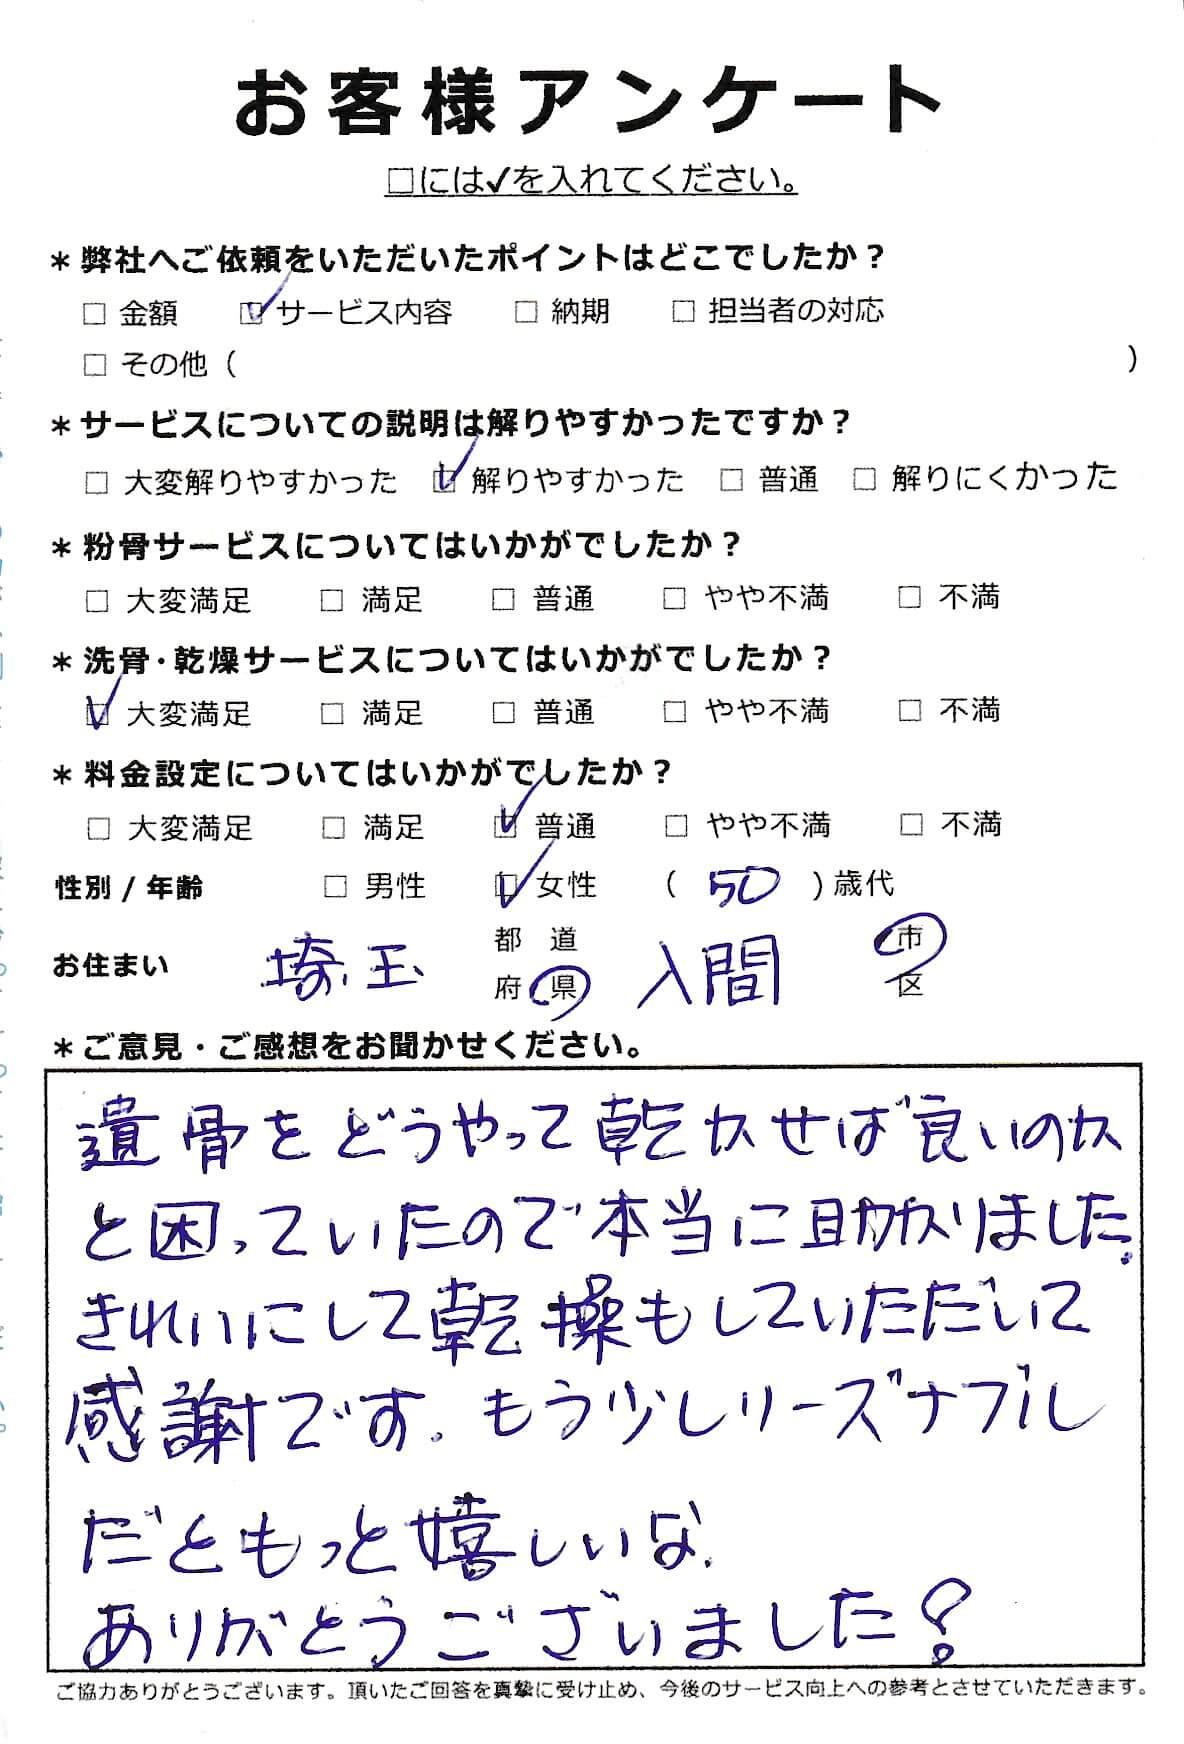 埼玉県入間市での粉骨・洗骨サービス